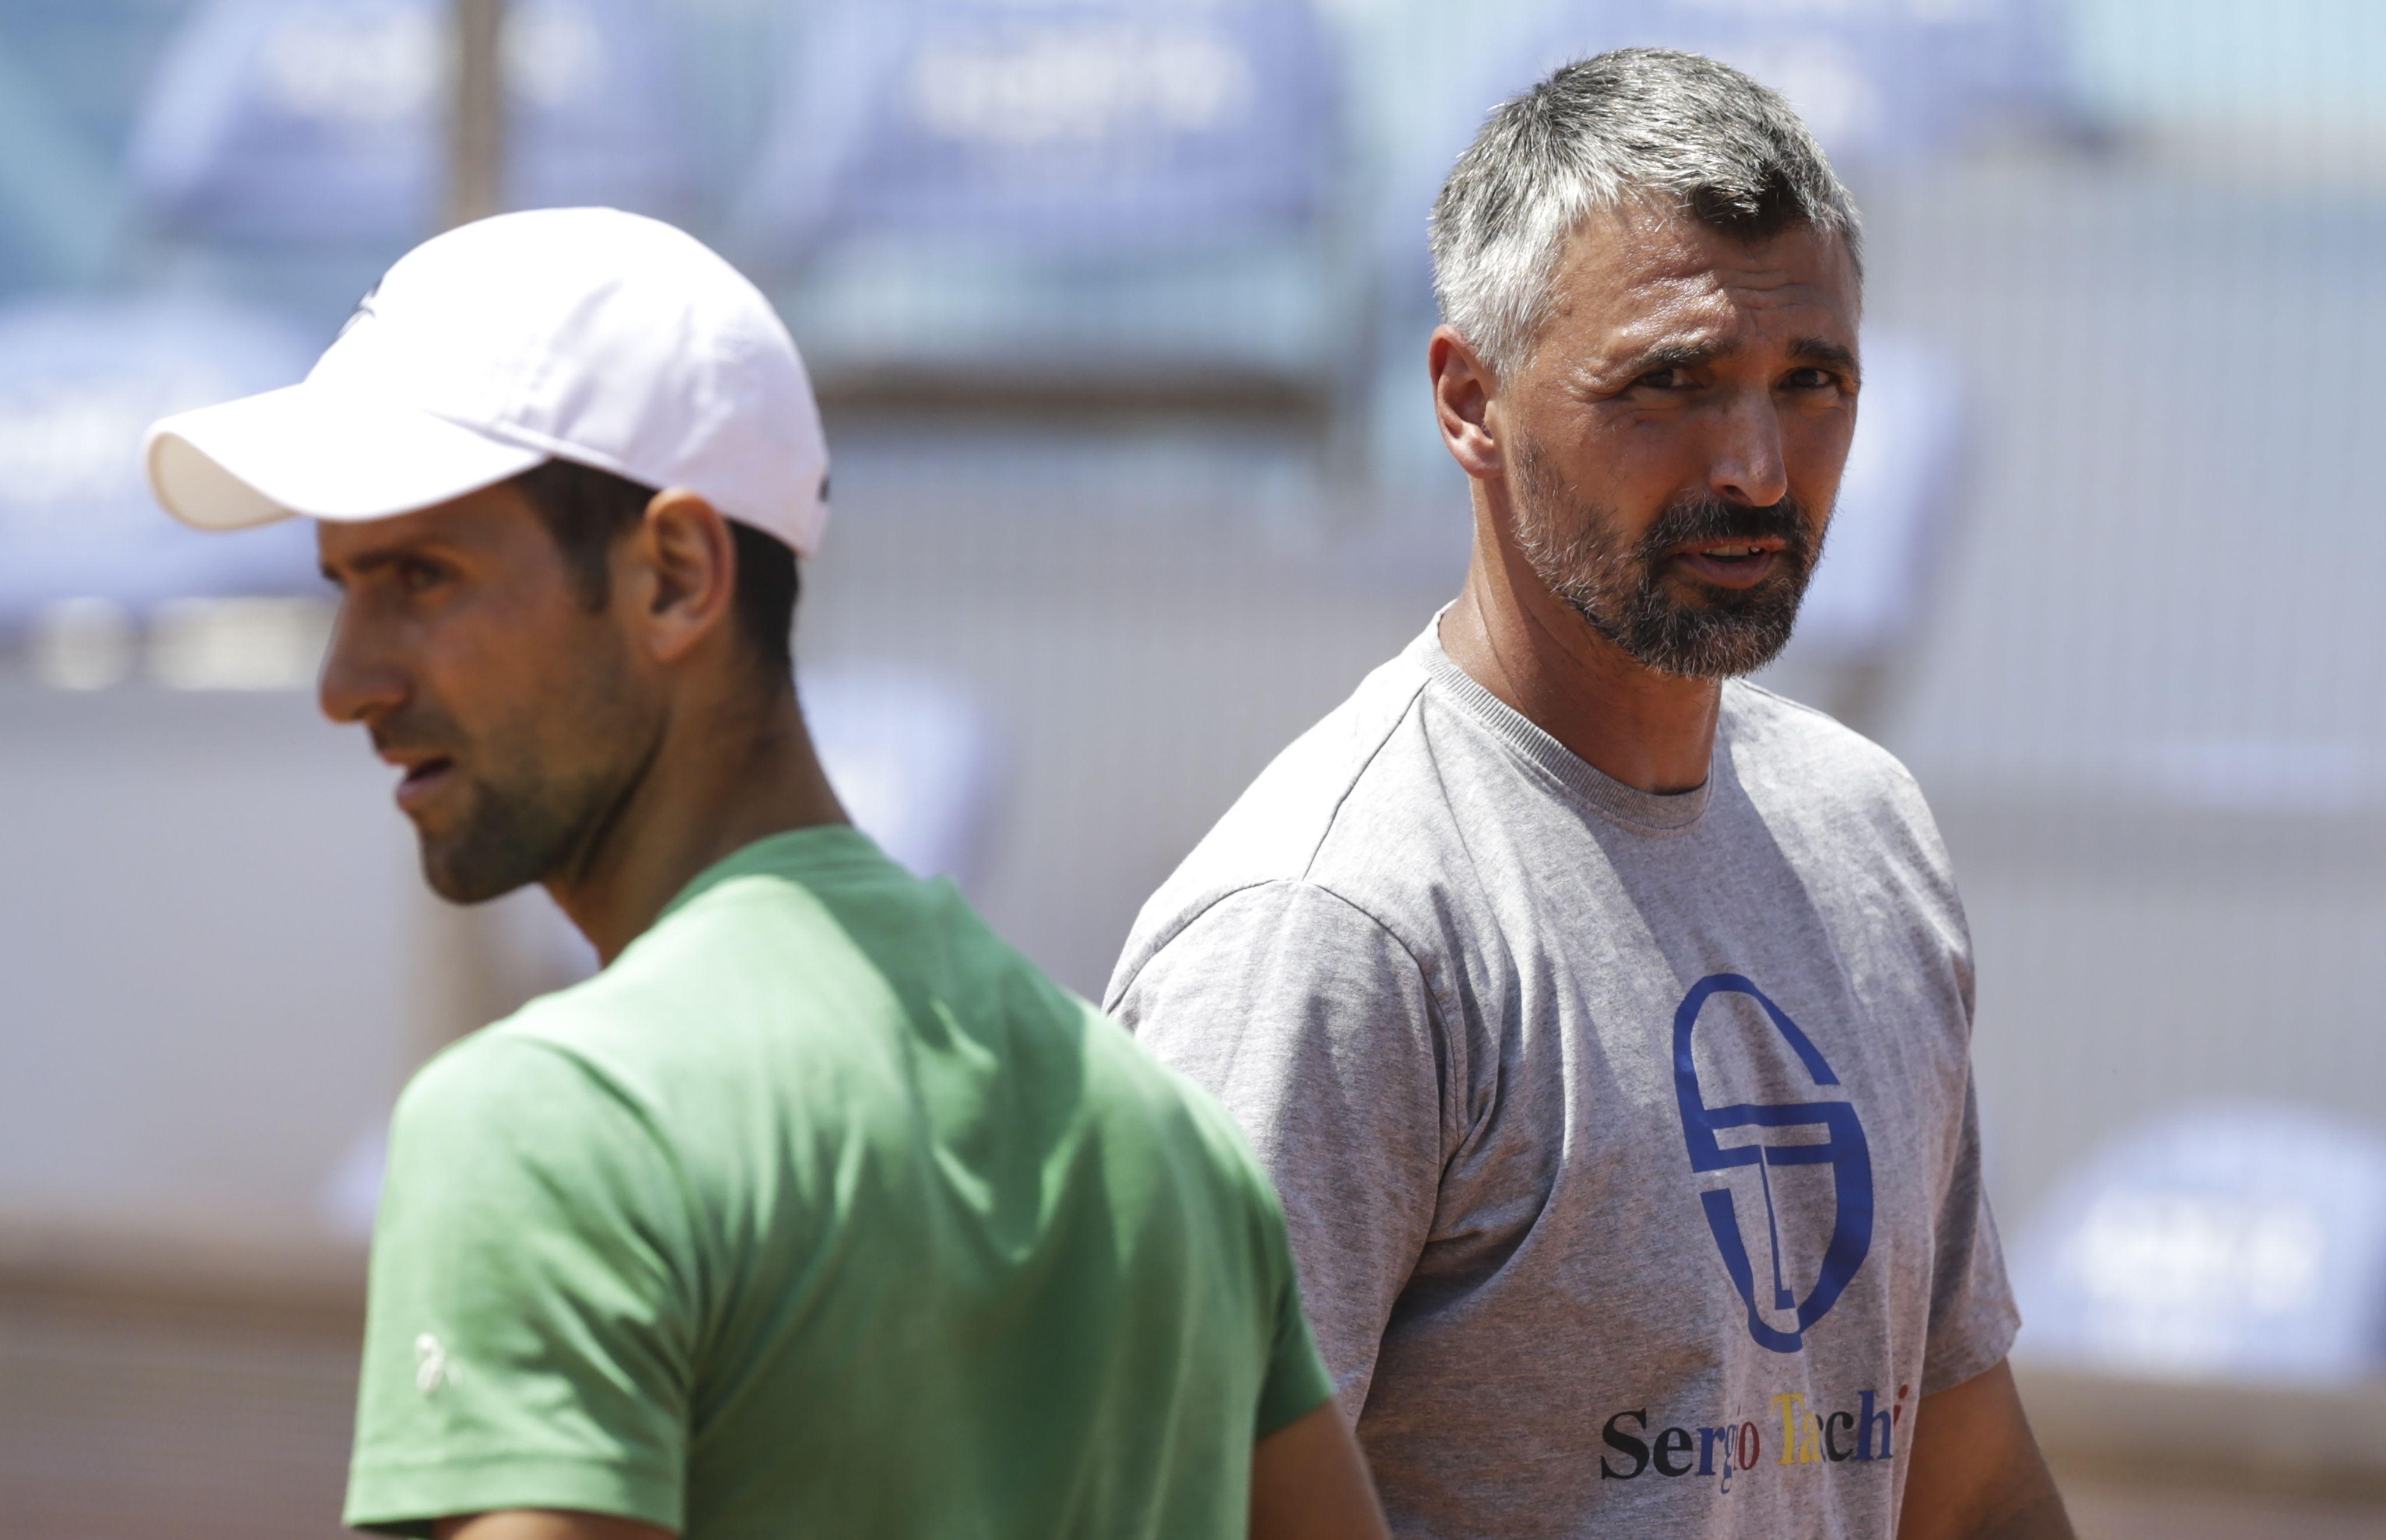 El ex tenista croata elevó la temperatura de la final entre Djokovic y Nadal en Roland Garros (EFE/EPA/ANDREJ CUKIC)